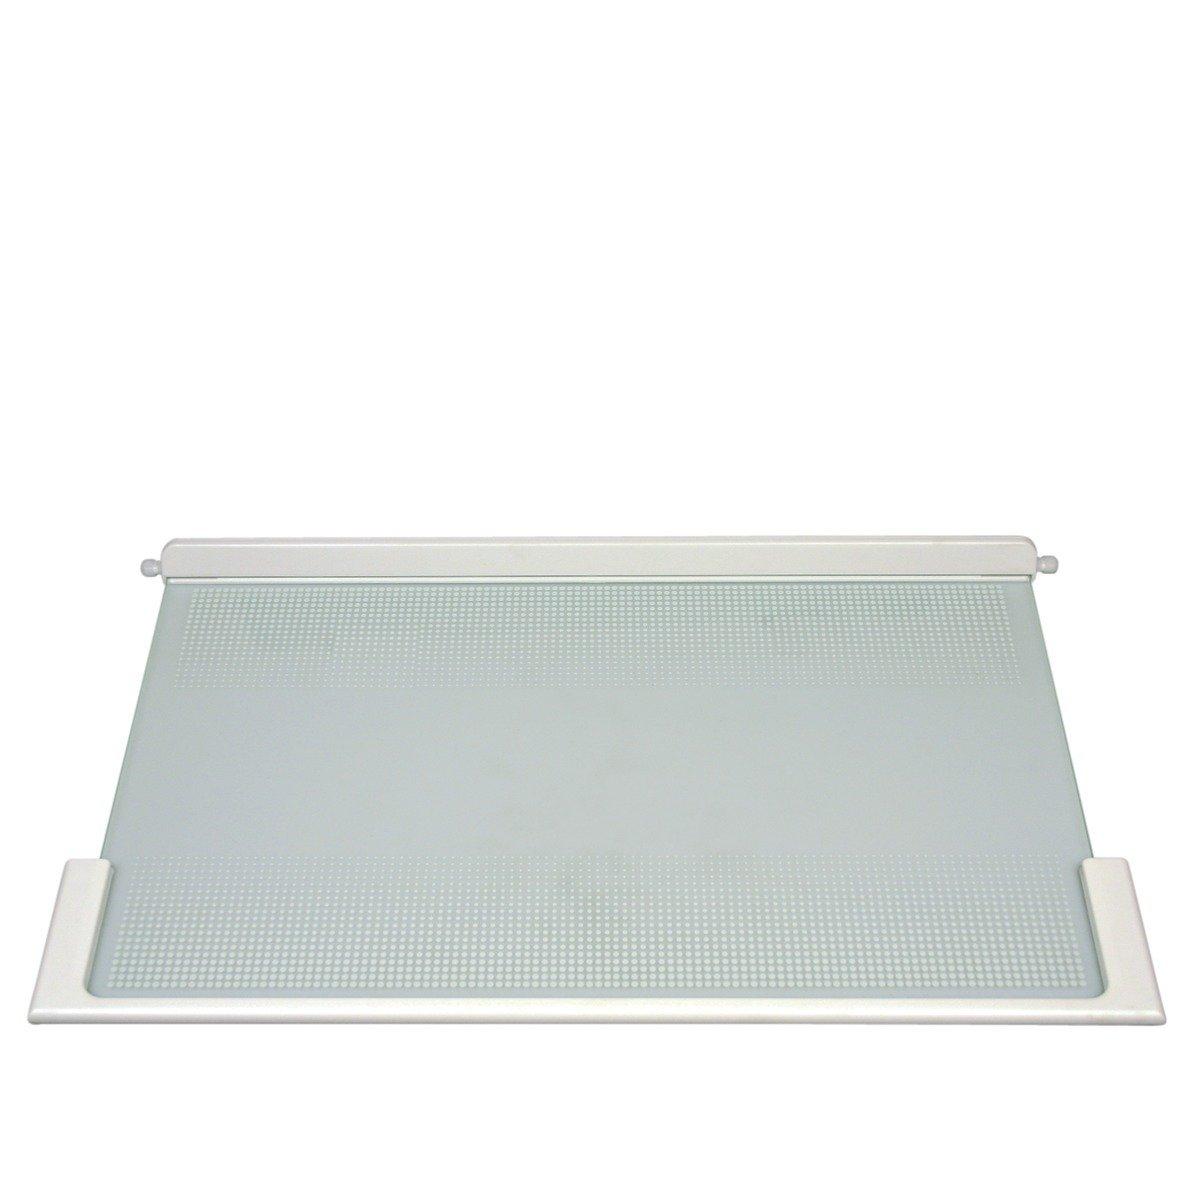 Kühlschrank Einlegeboden / Glasplatte / Gemüsefach - Strukturglas ...